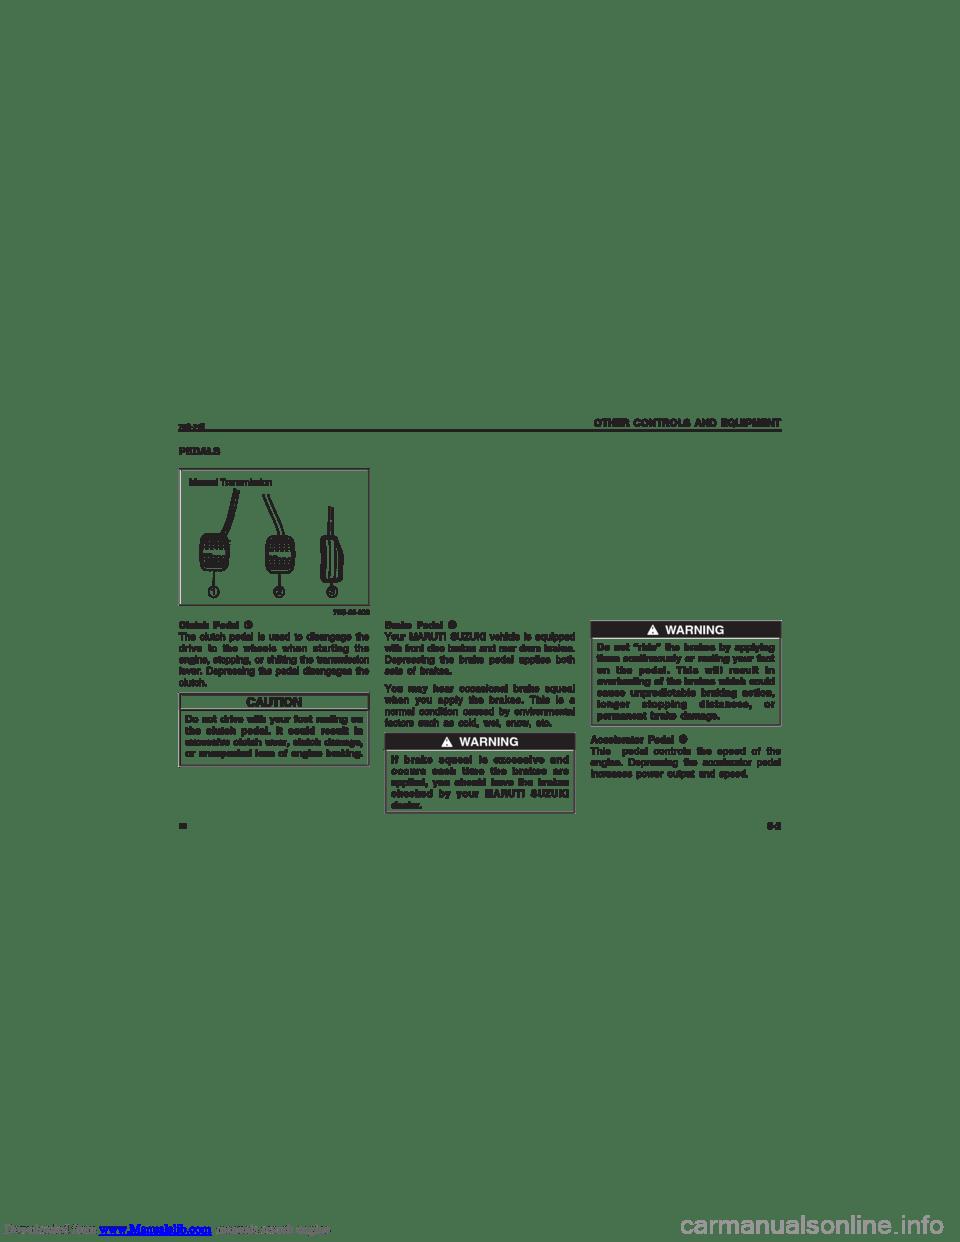 SUZUKI ALTO 2007 6.G Workshop Manual (139 Pages)